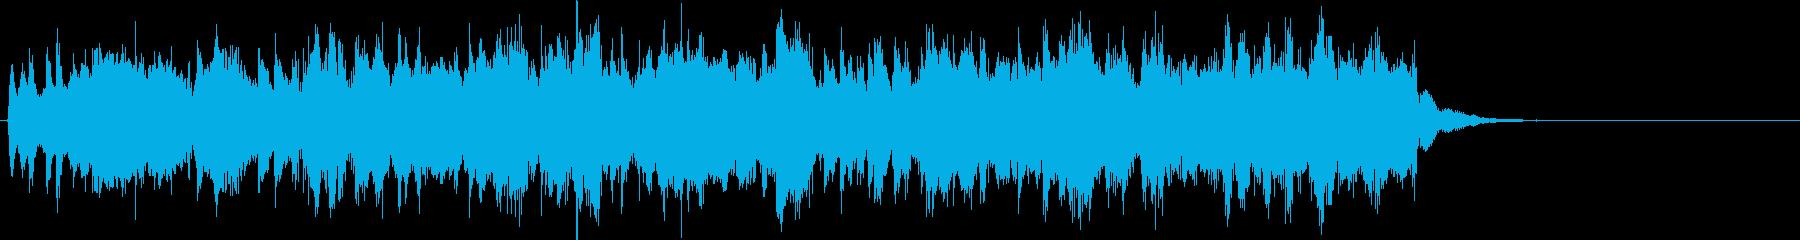 エレアコ混在の幻想アイキャッチの再生済みの波形